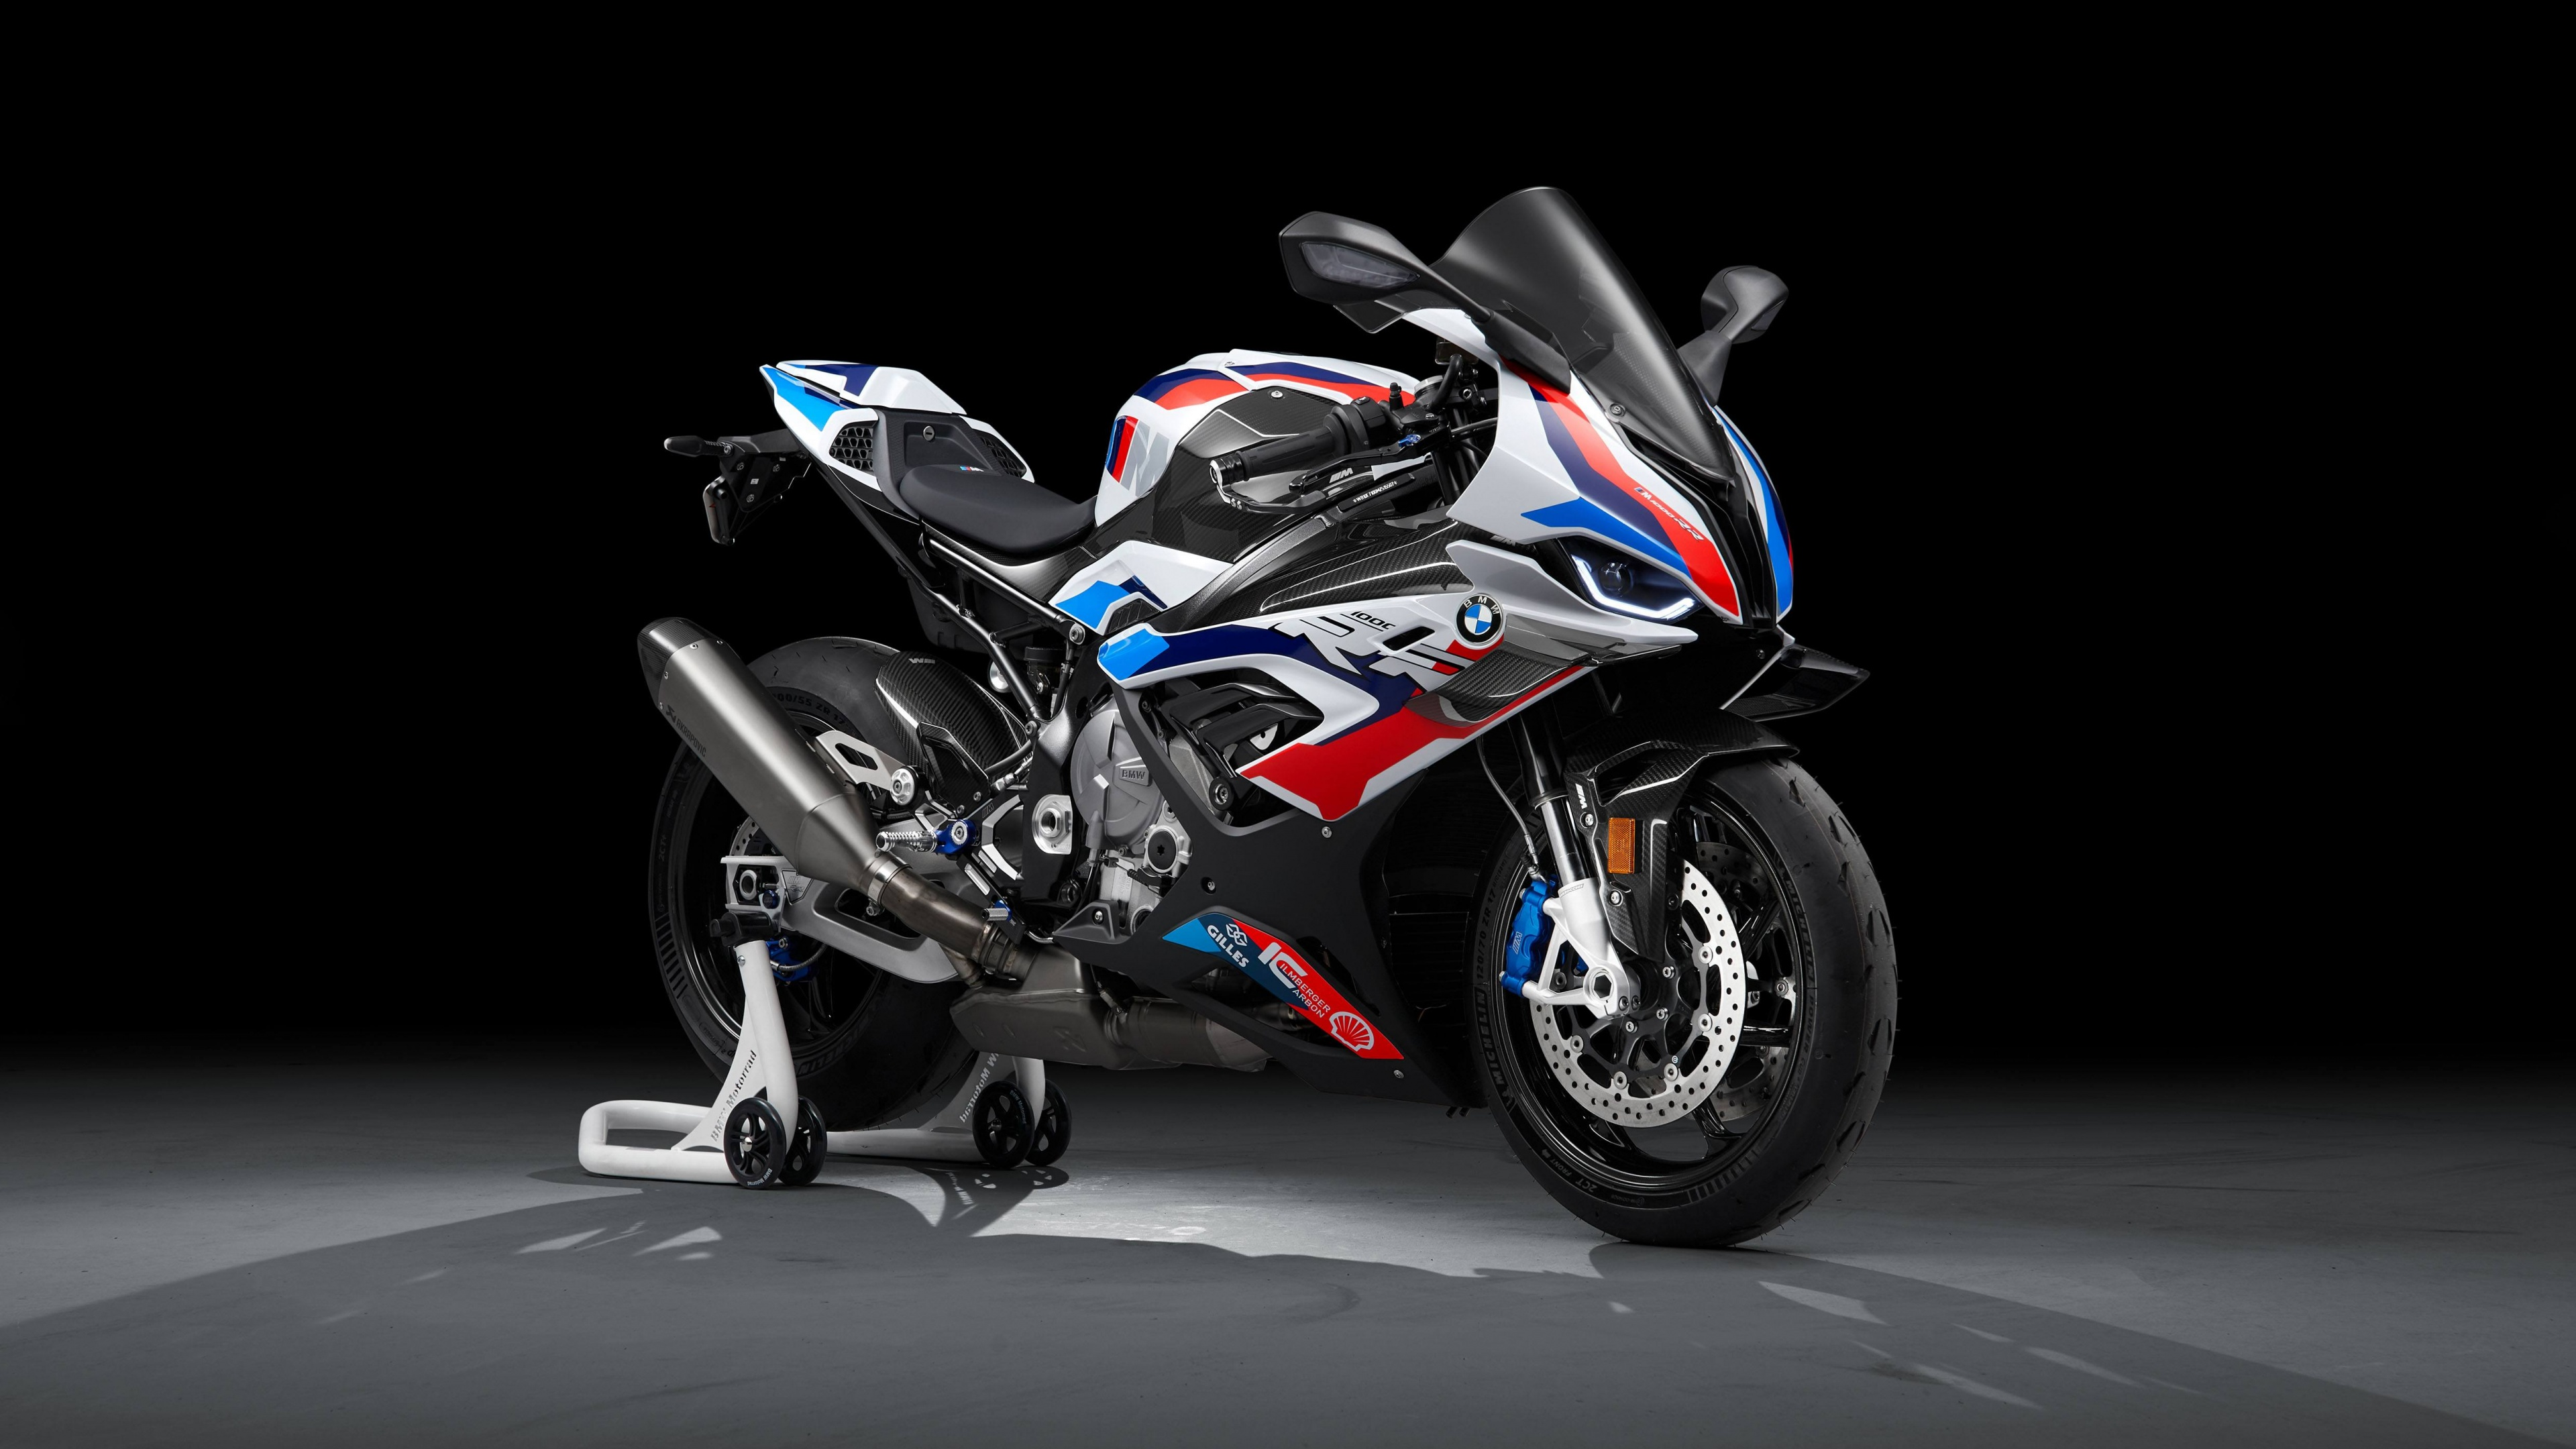 Bmw M 1000 Rr 4k Wallpaper Race Bikes Black Background 2021 5k Bikes 2743